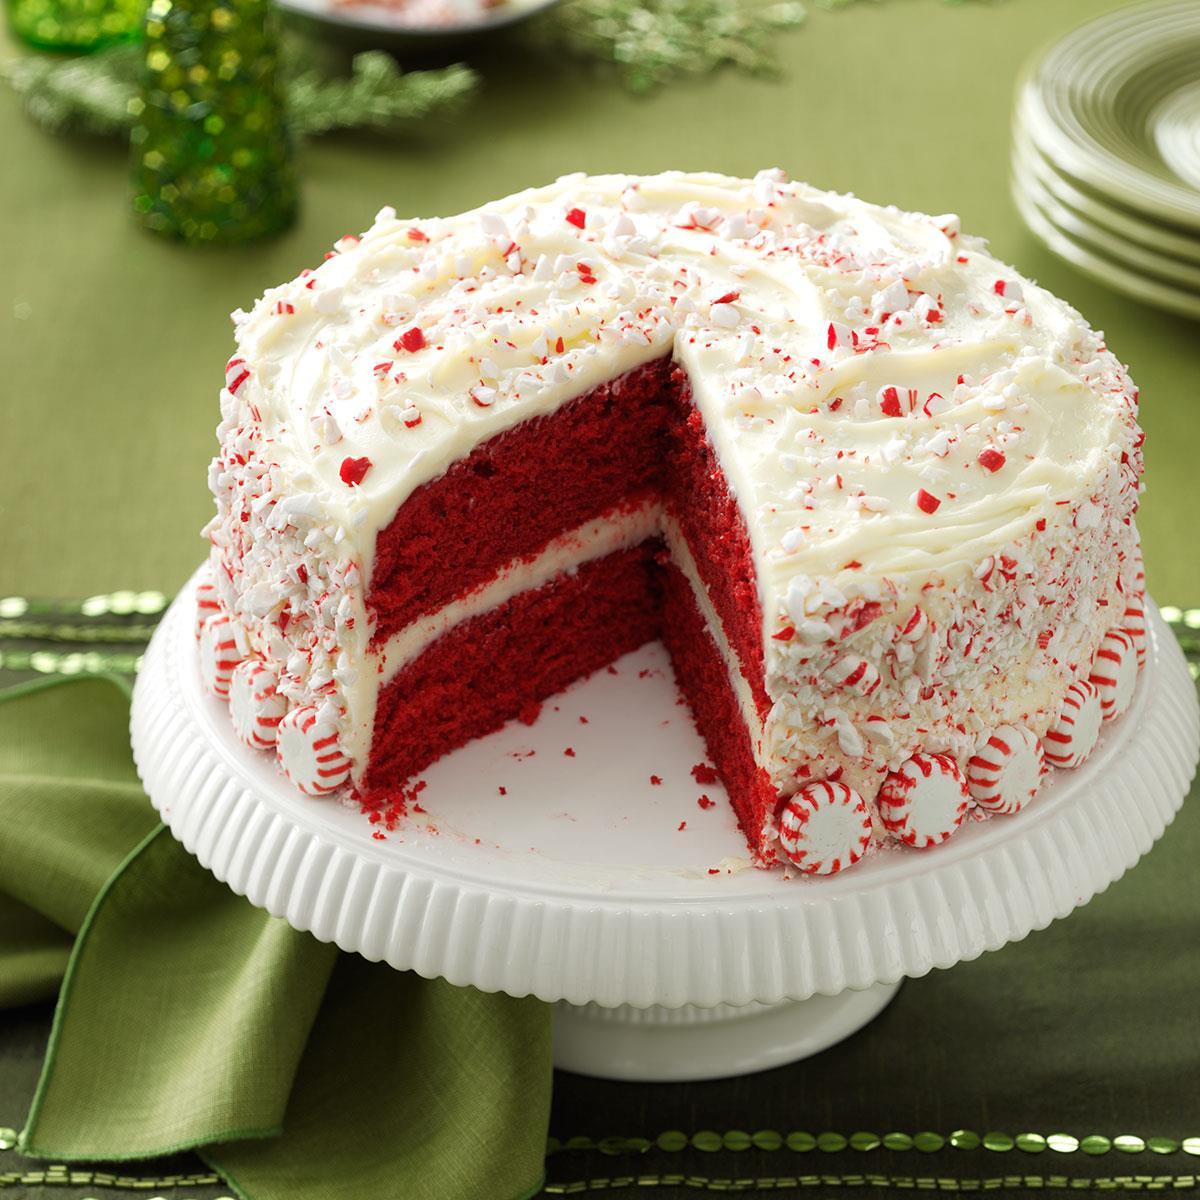 Peppermint Red Velvet Cake image